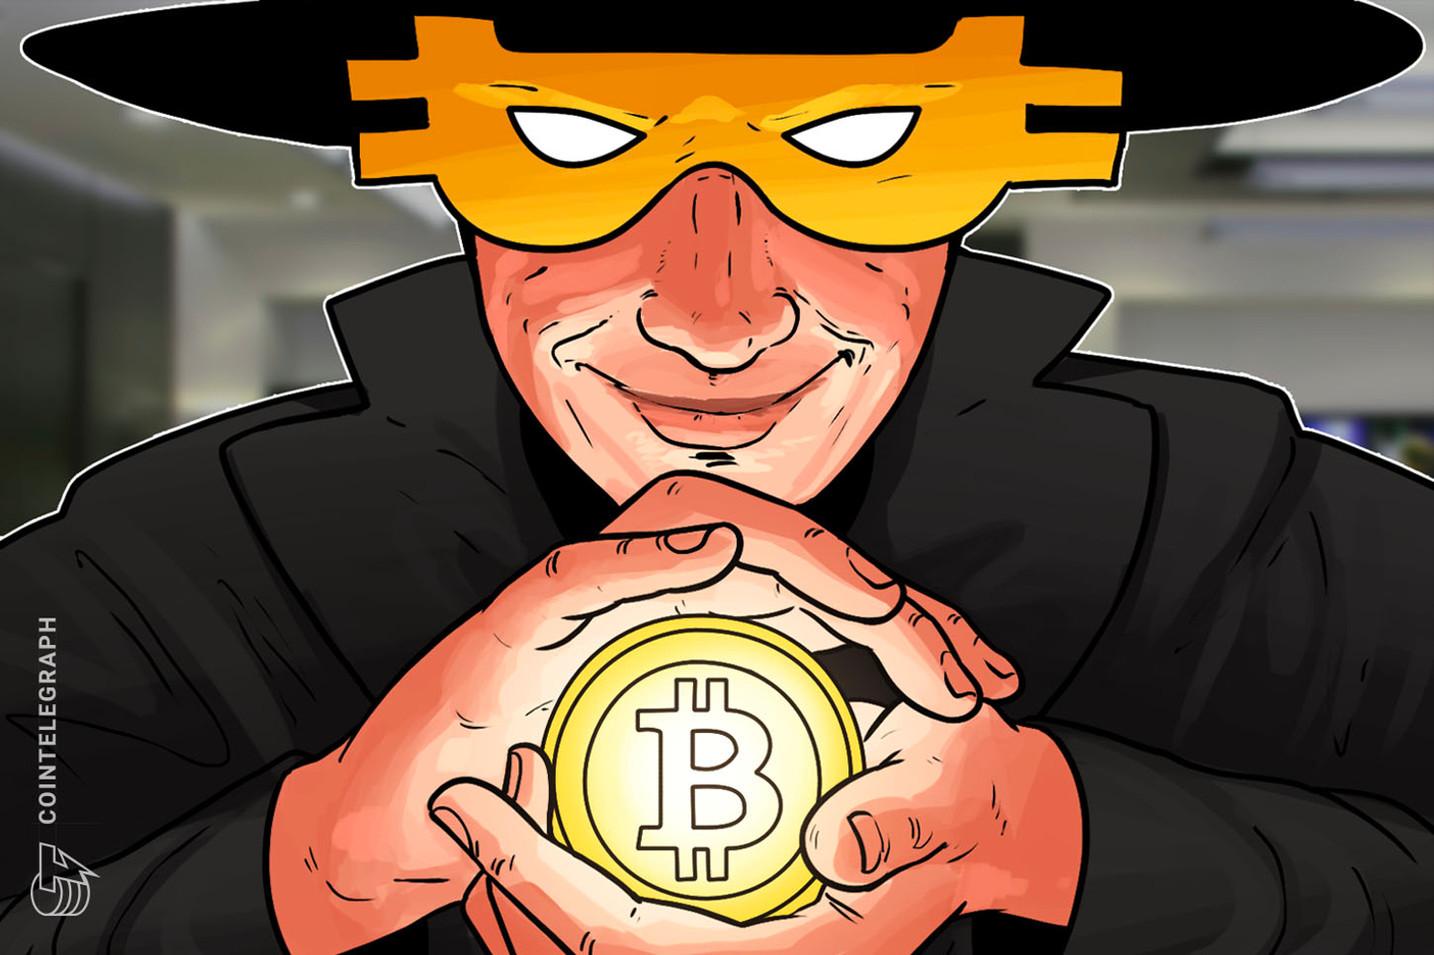 米ファンドストラット、ビットコインSVの価値を認めるレポート配信 仮想通貨業界がざわつく【ニュース】